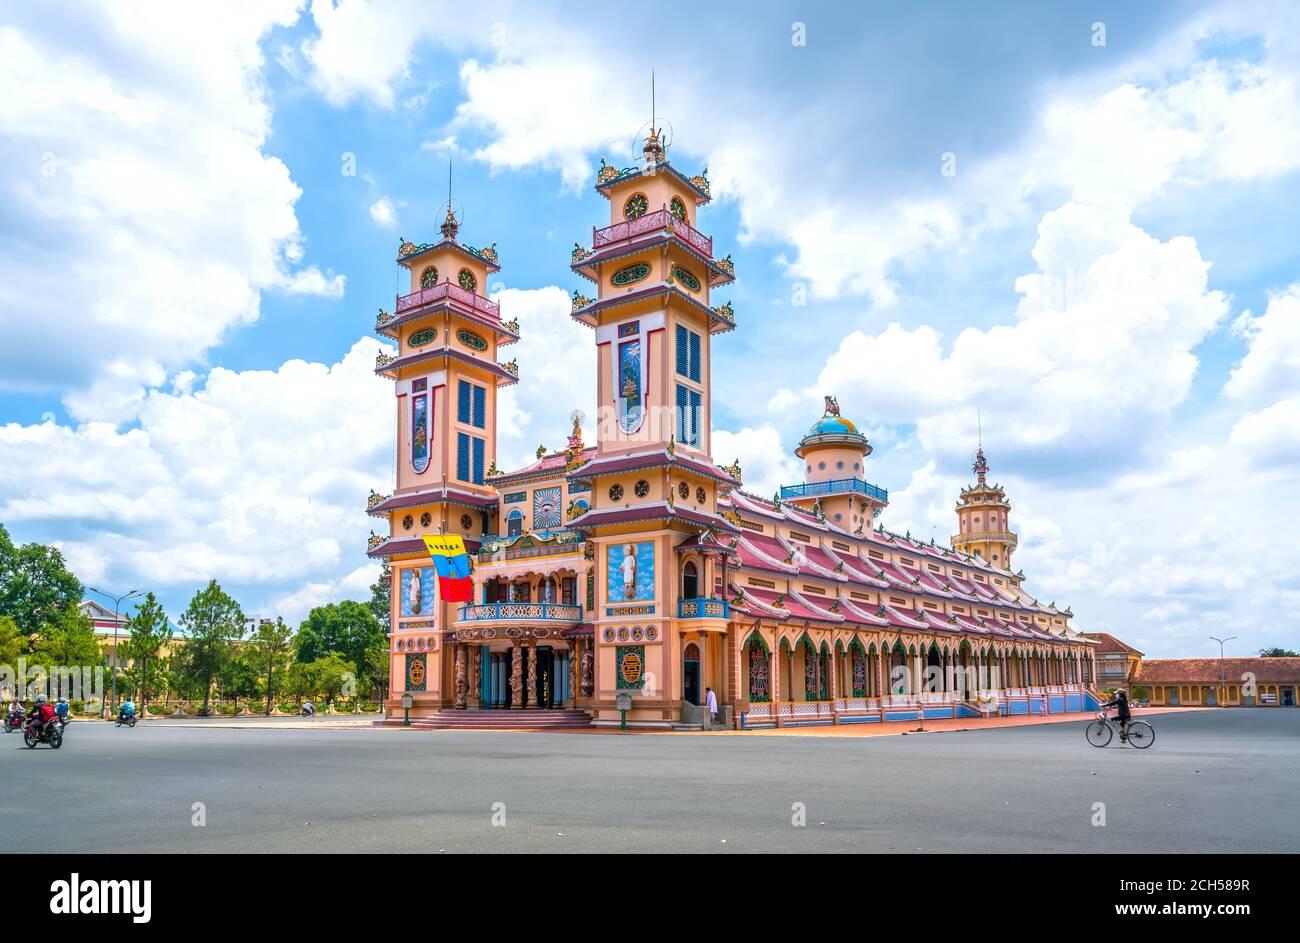 Paisaje fuera del templo santo fue construido en 1926, este es el centro de la torre de la iglesia oficialmente un turista para visitar y admirar Foto de stock